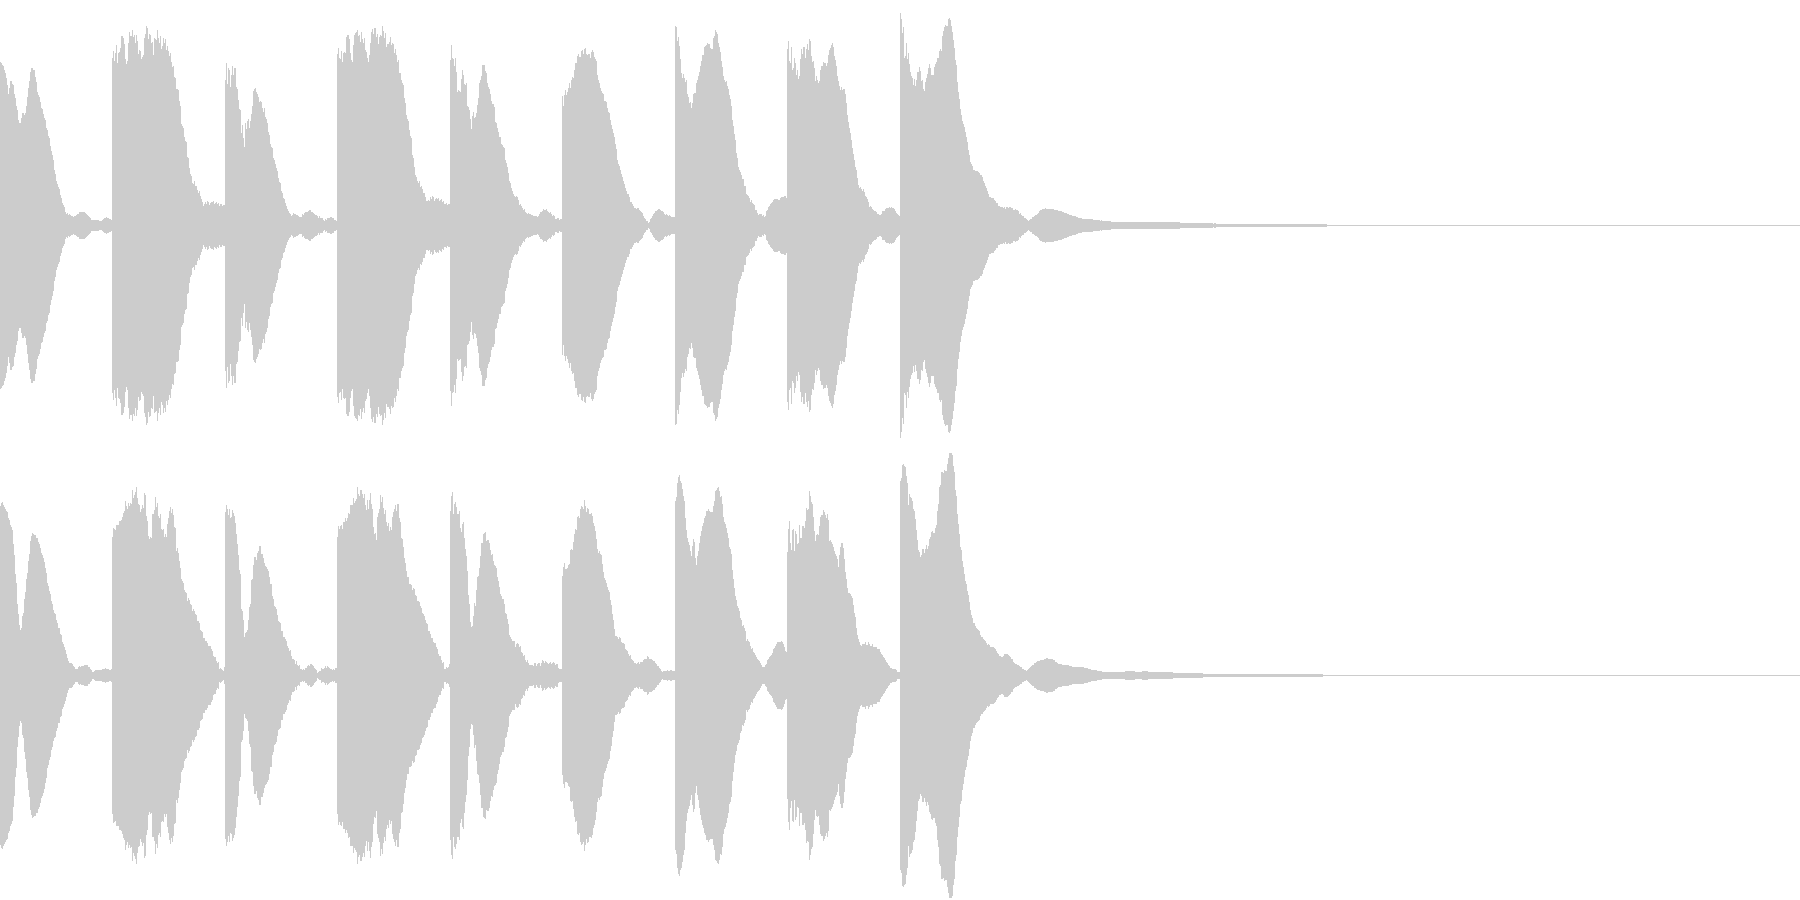 シンセ、テクノ、ピコピコ効果音2の未再生の波形